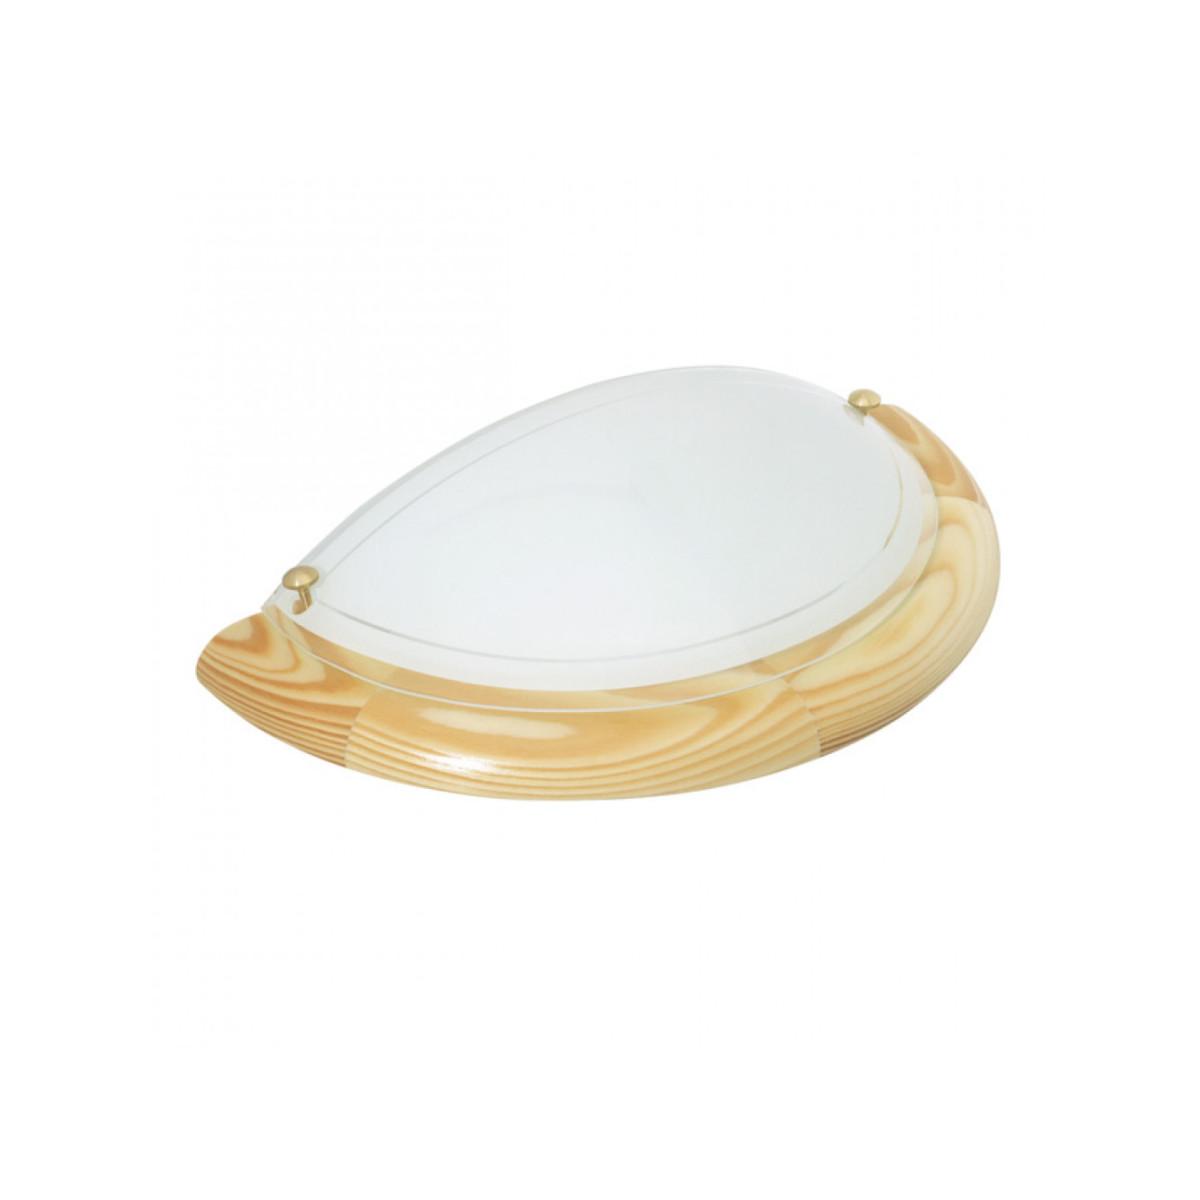 Светильник настенно-потолочный Kanlux Tiva 1030 1/2Dr/Ml-Sn 70740 1 лампа цвет белый